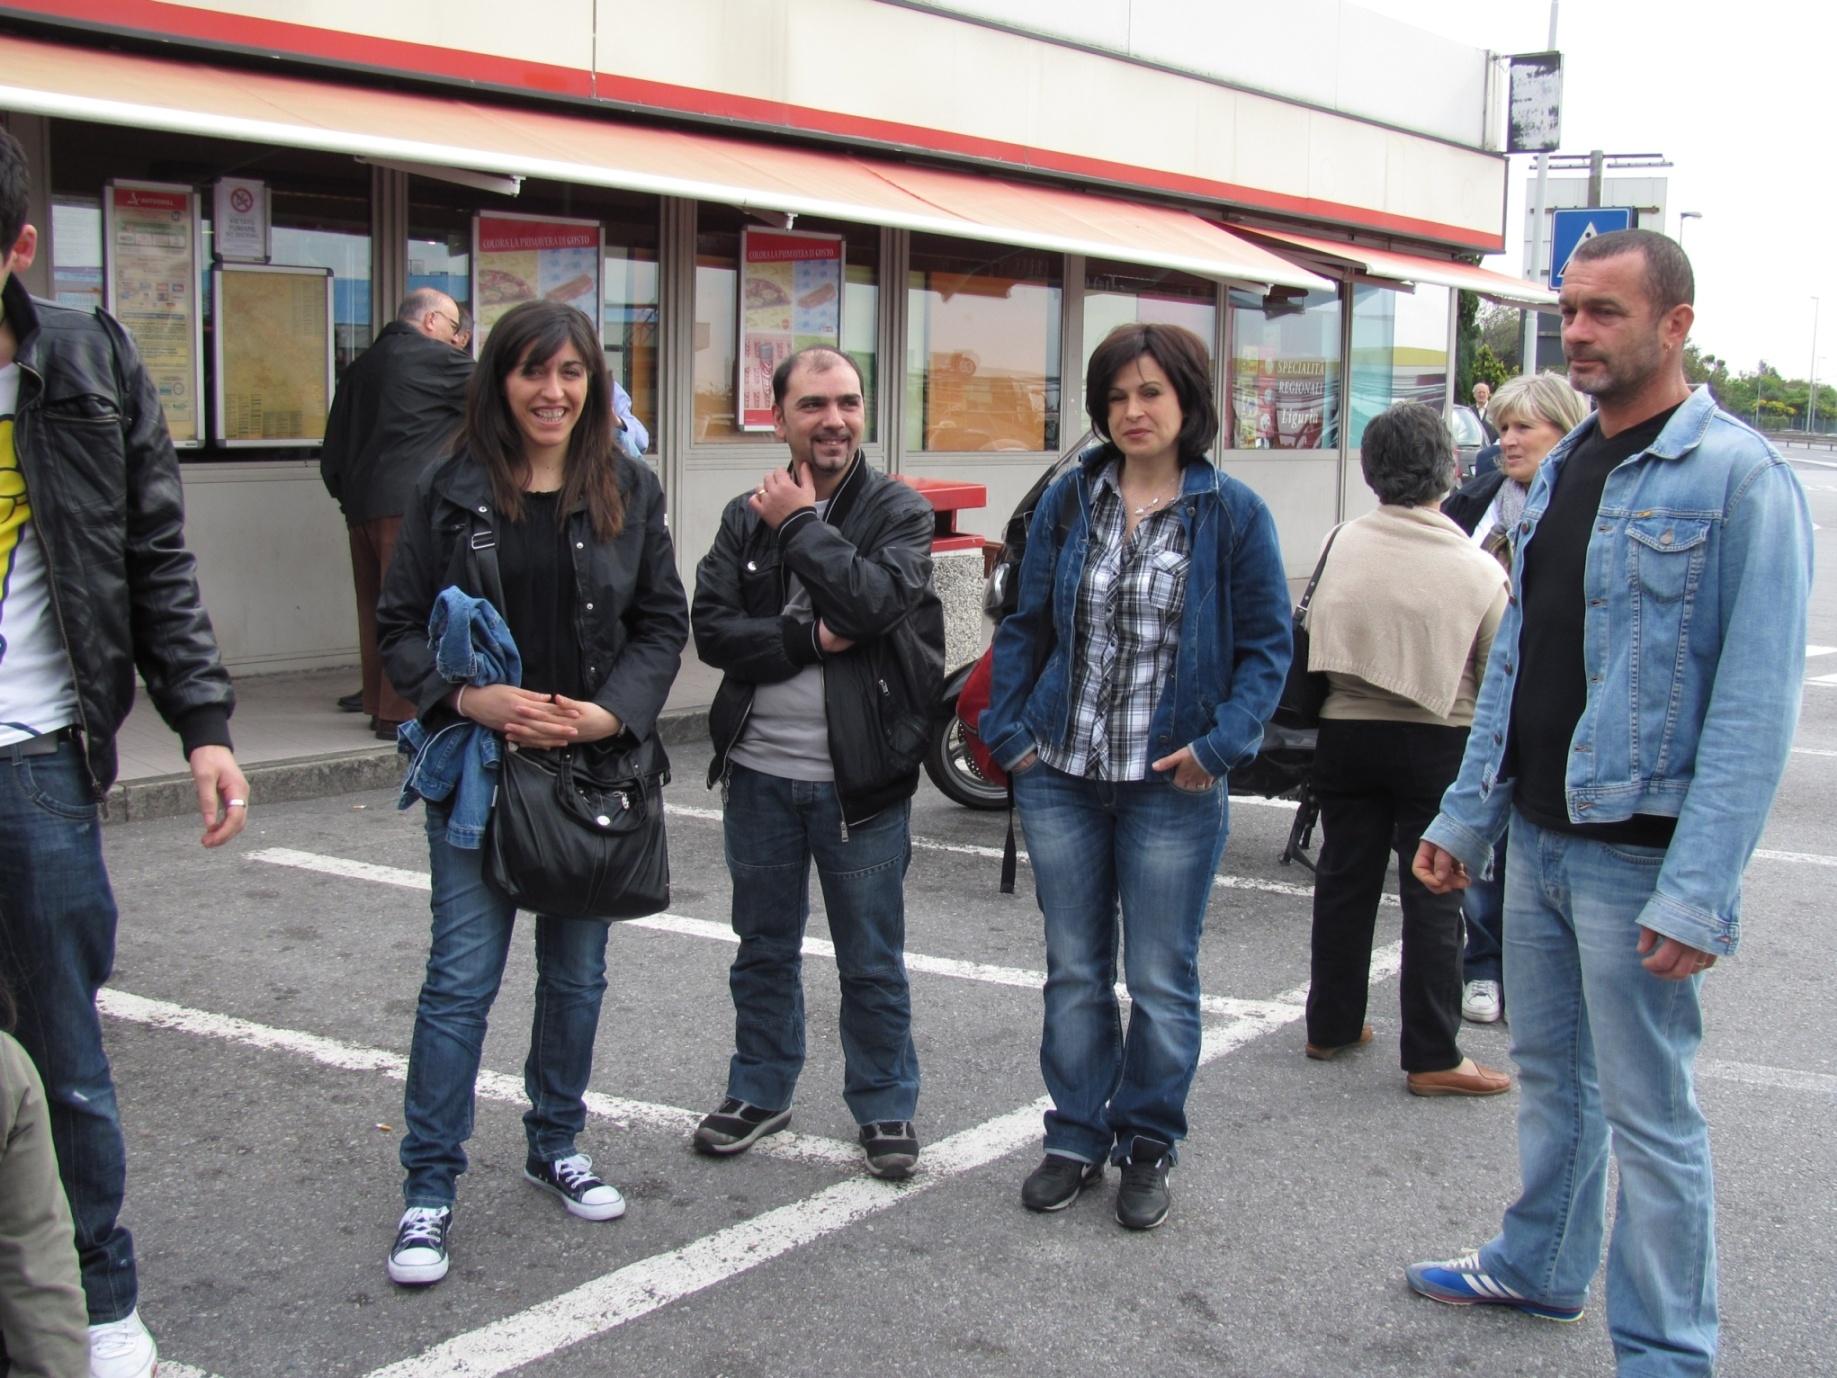 pasquetta_dolceacqua-2011-04-25-09-31-40